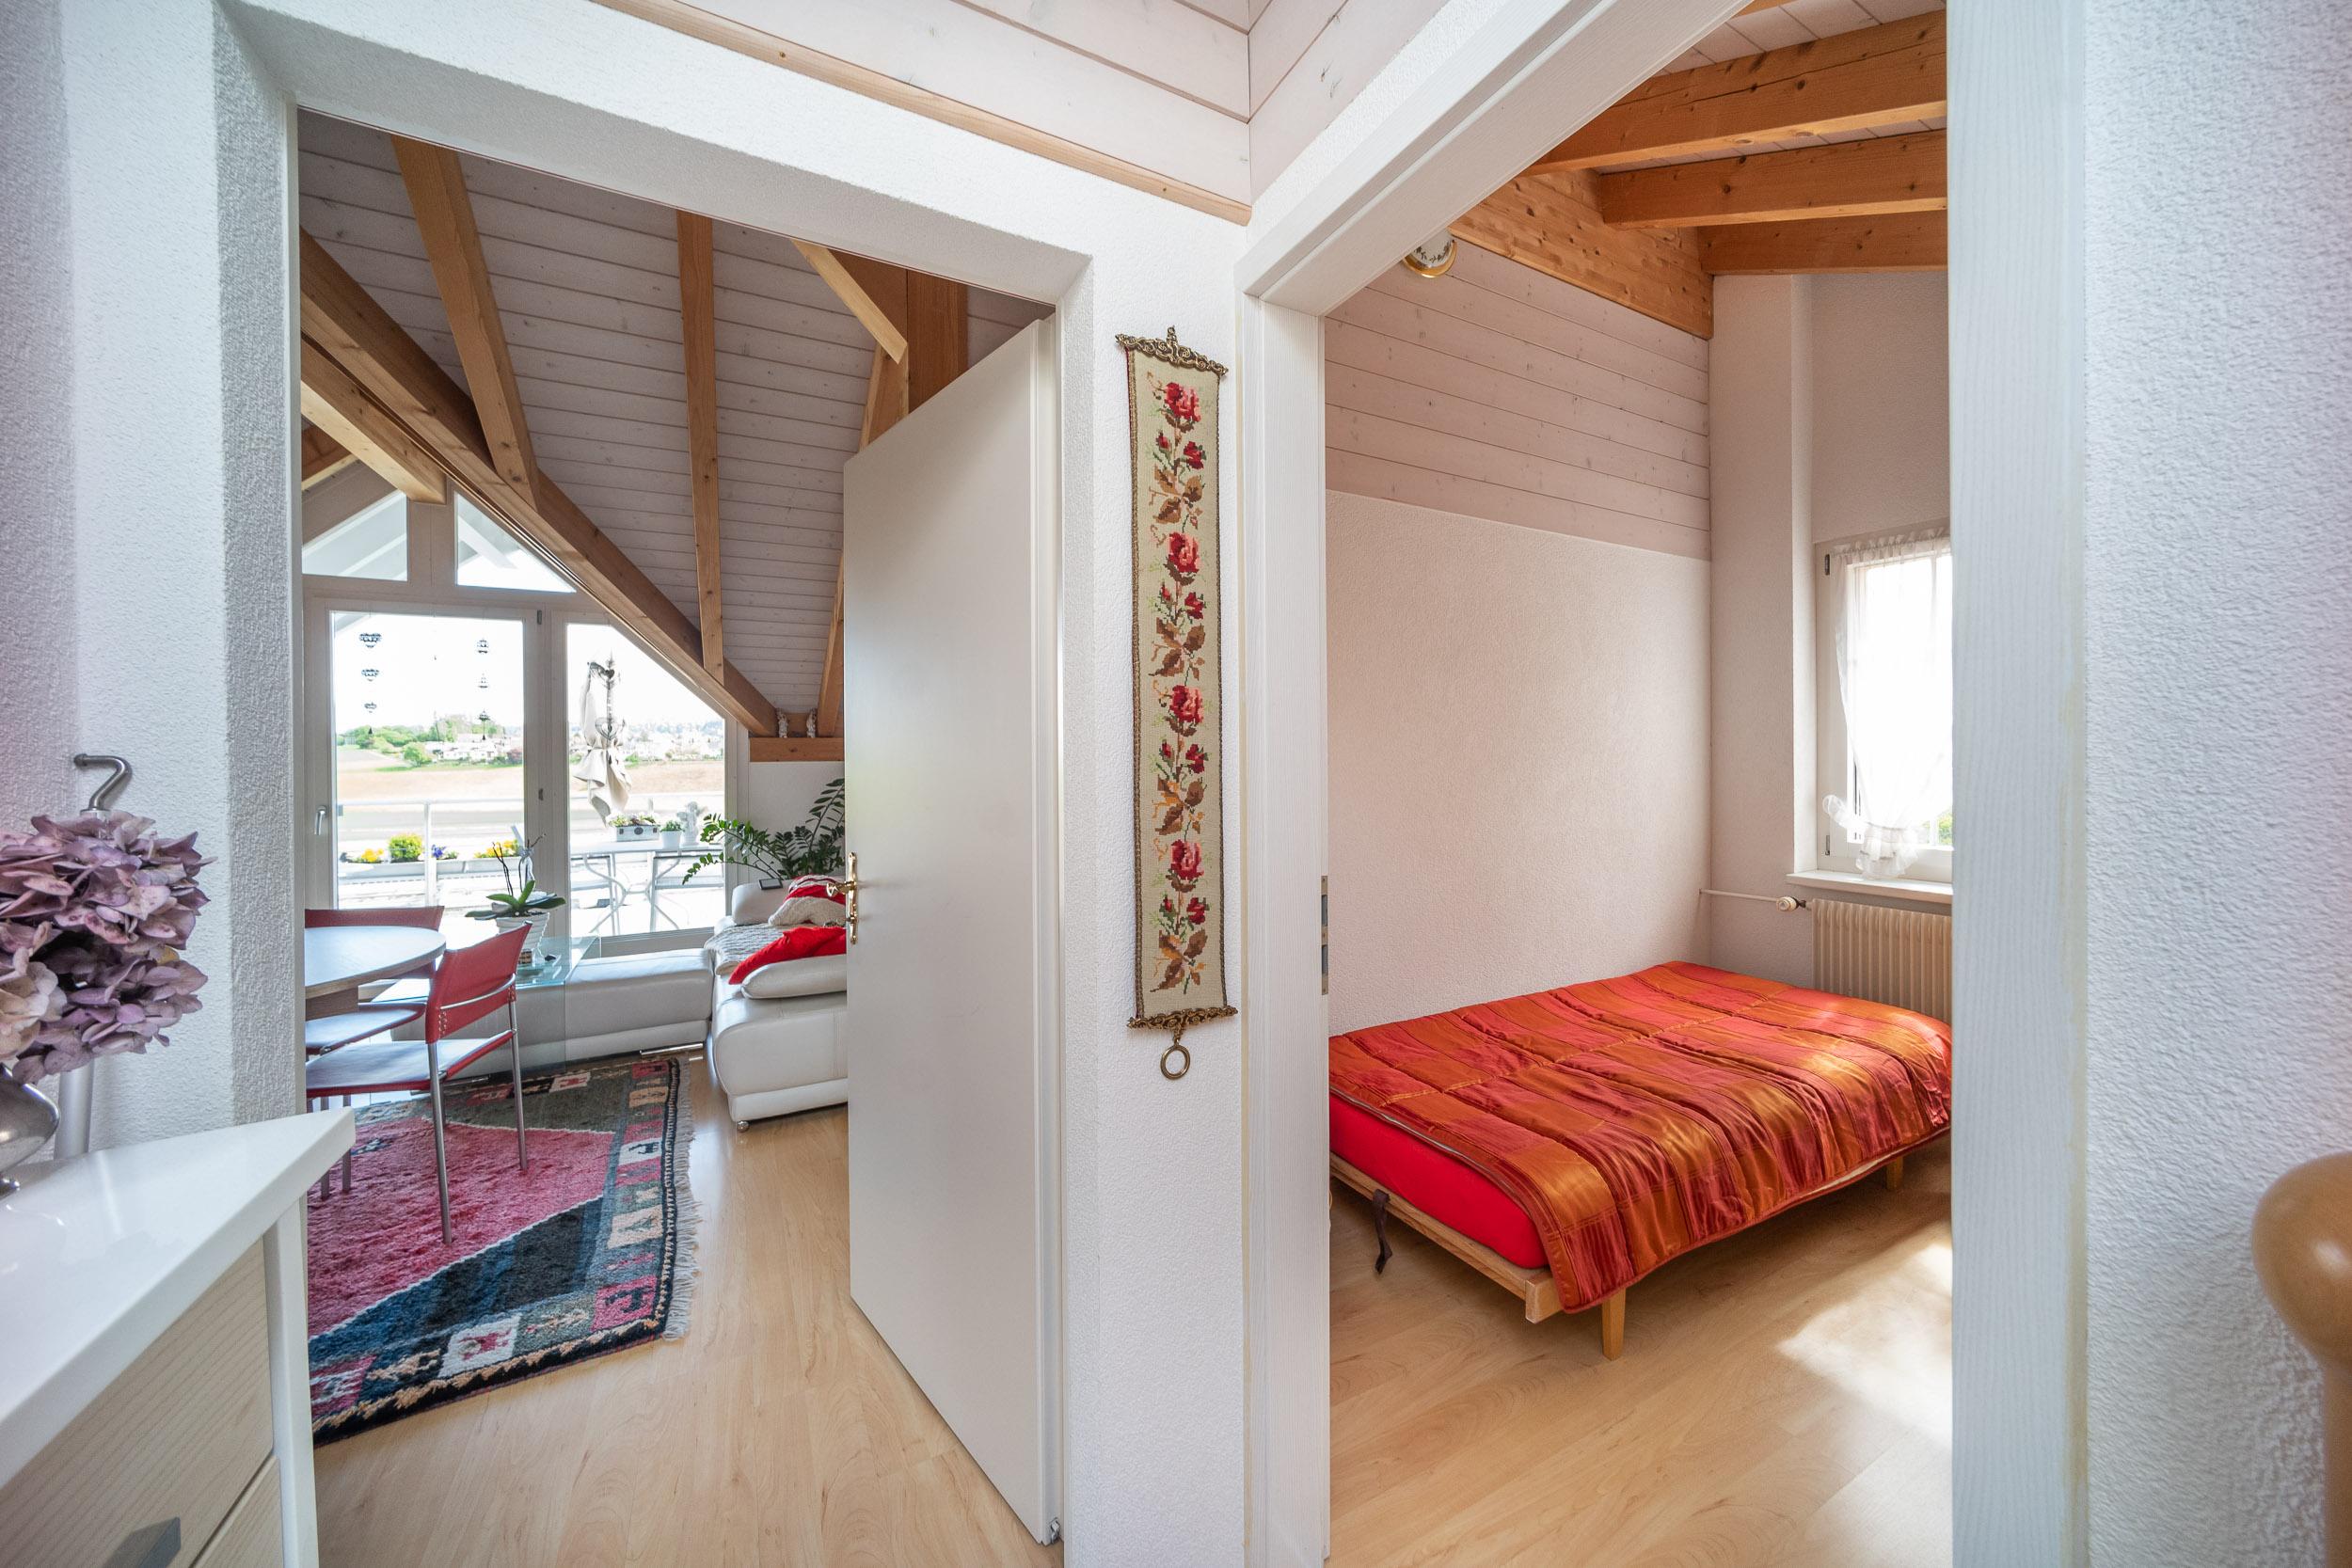 Eingang zur Wohnung im Obergeschoss (linke Tür) und zu einem separten Zimmer (rechte Tür)